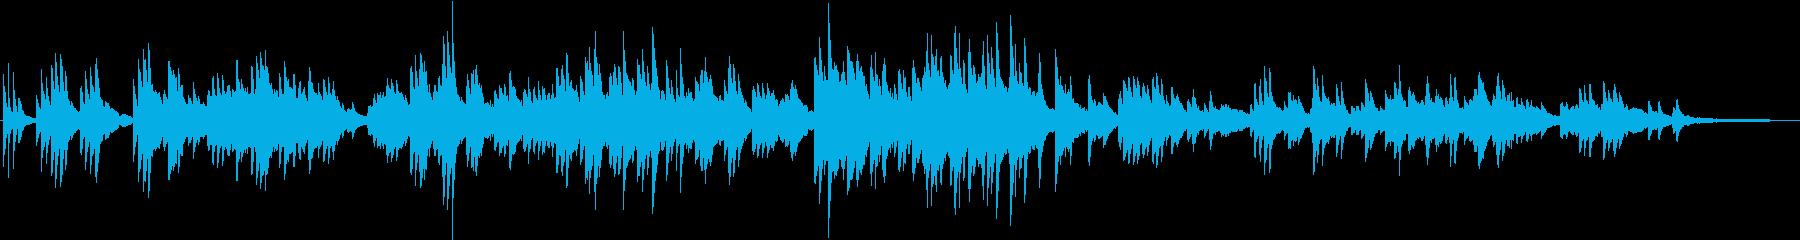 ノスタルジックで切ない 和風なピアノソロの再生済みの波形